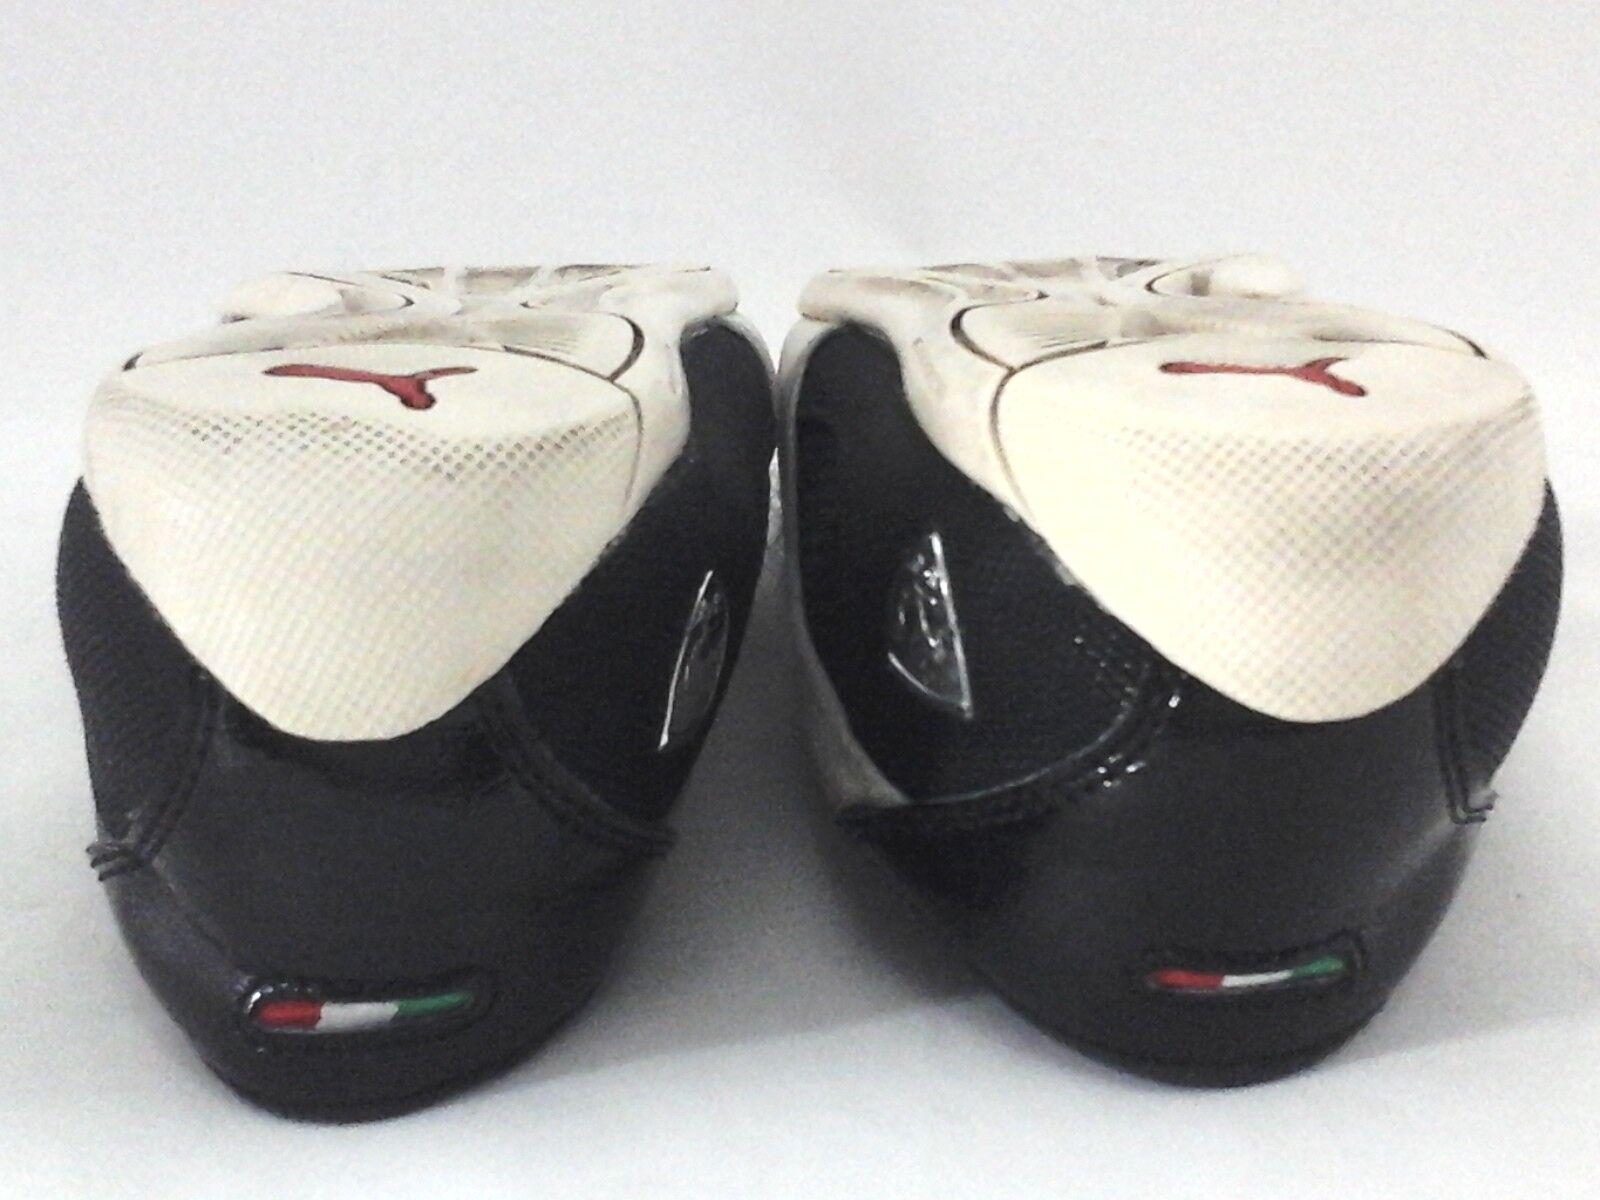 8A14 Bondi 4 Cruzado Correr Entrenamiento Cruzado 4 Correr Atléticos Cómodos Zapatos Mujer 3c8da7